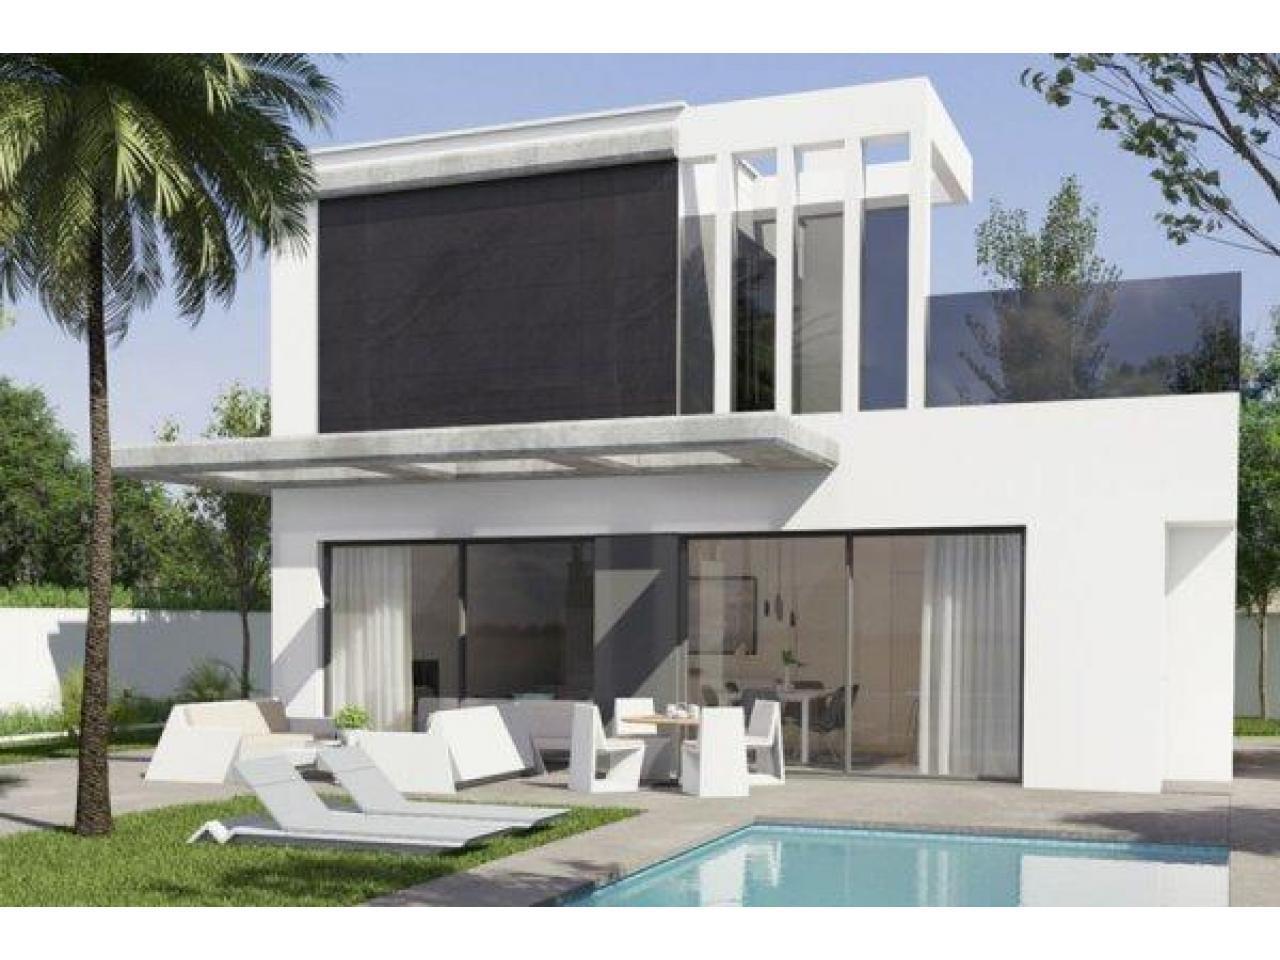 Недвижимость в Испании, Новая вилла рядом с морем от застройщика в Кампельо - 1